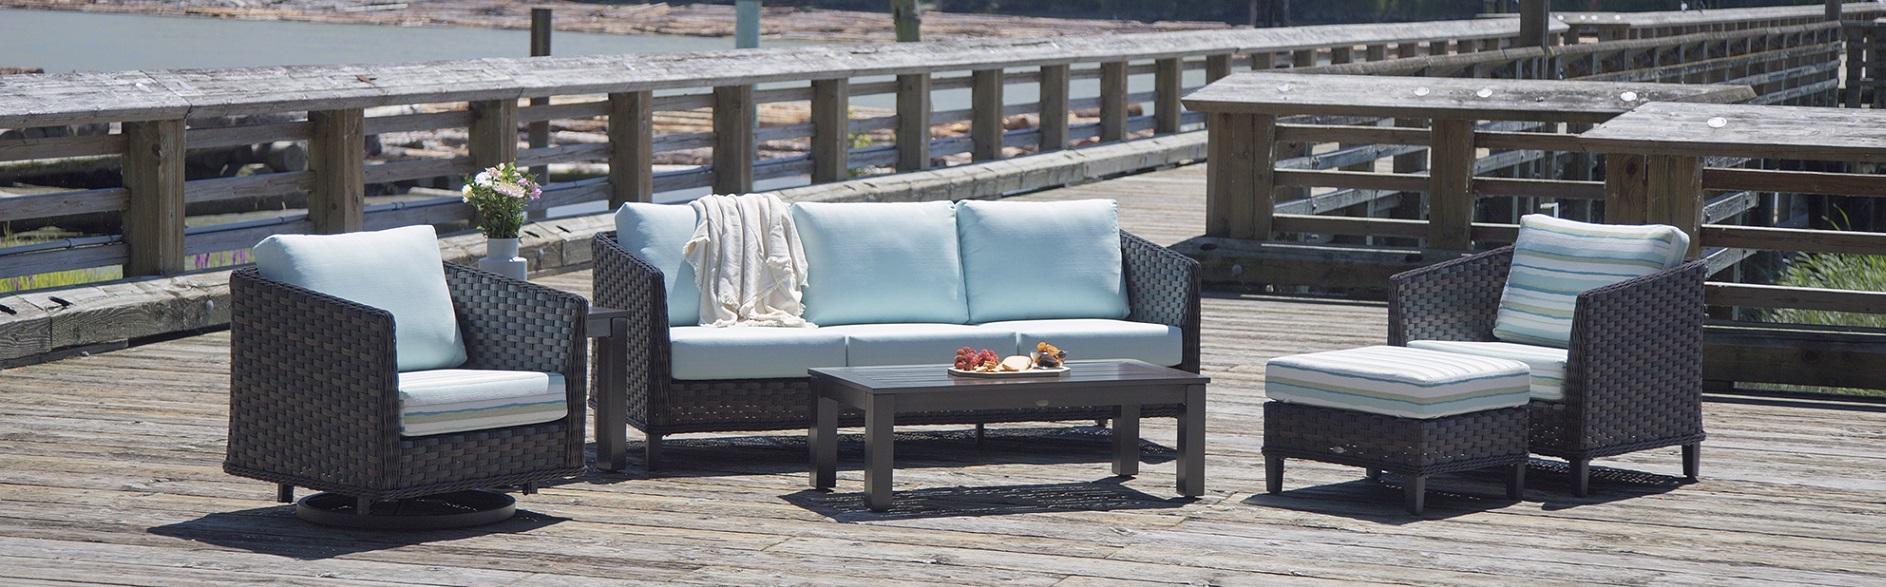 outdoor furniture ratana